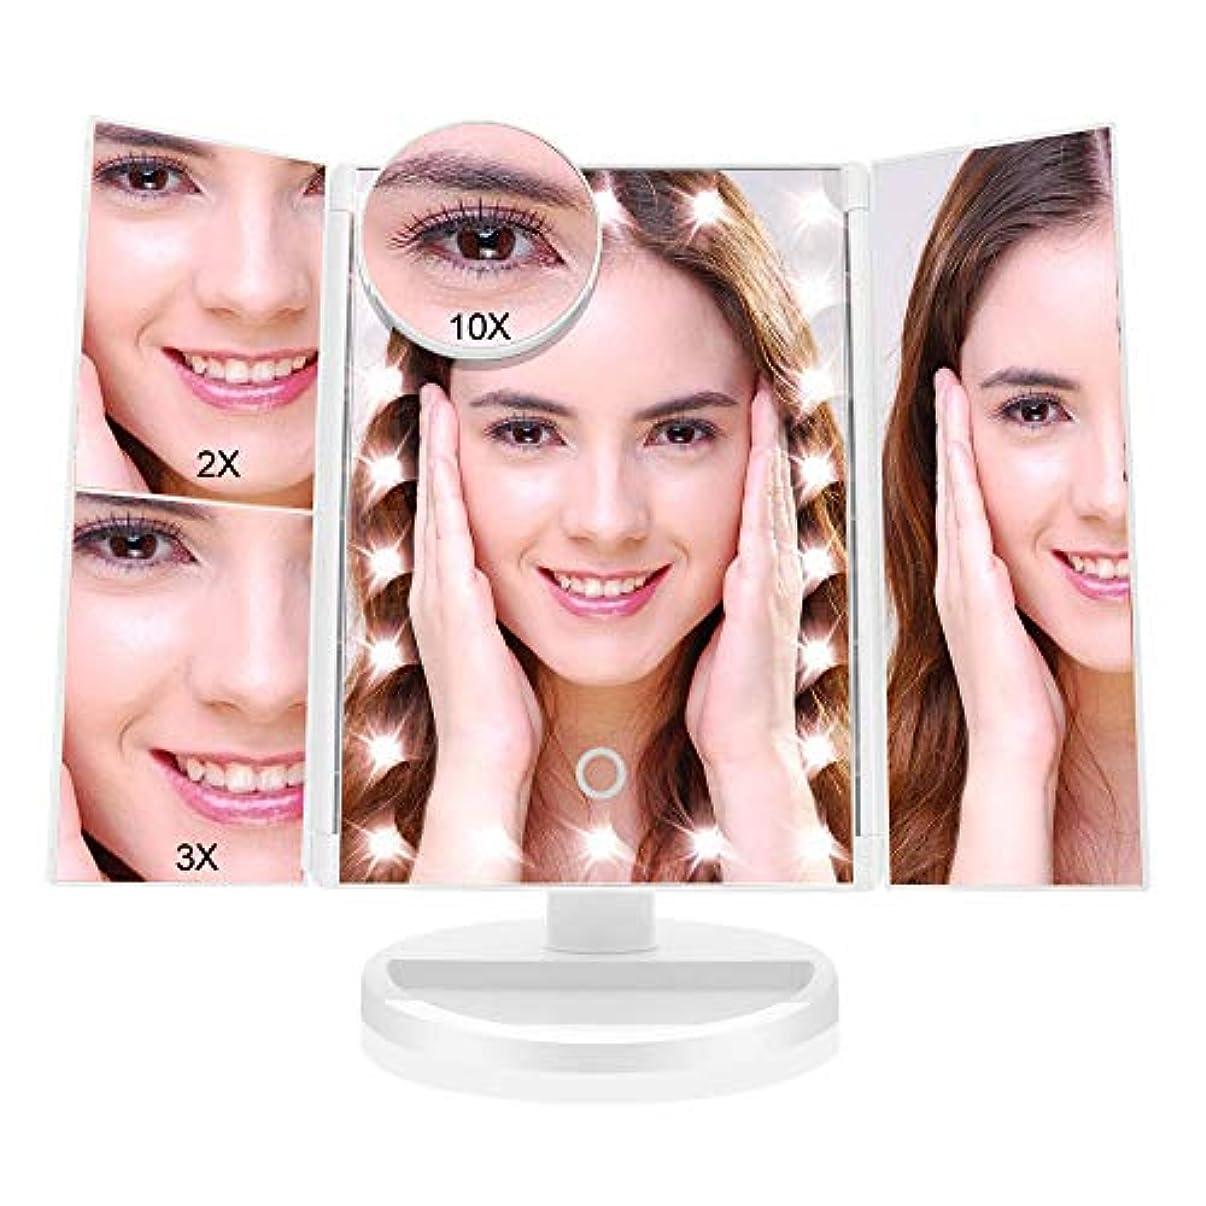 メロディアス新しさメーター化粧鏡 化粧ミラー 鏡 三面鏡 女優 卓上 21個LED付き 拡大鏡 2X 3X 10X 倍 明るさ調節可能 180°回転 電池&USB2WAY給電 収納便利